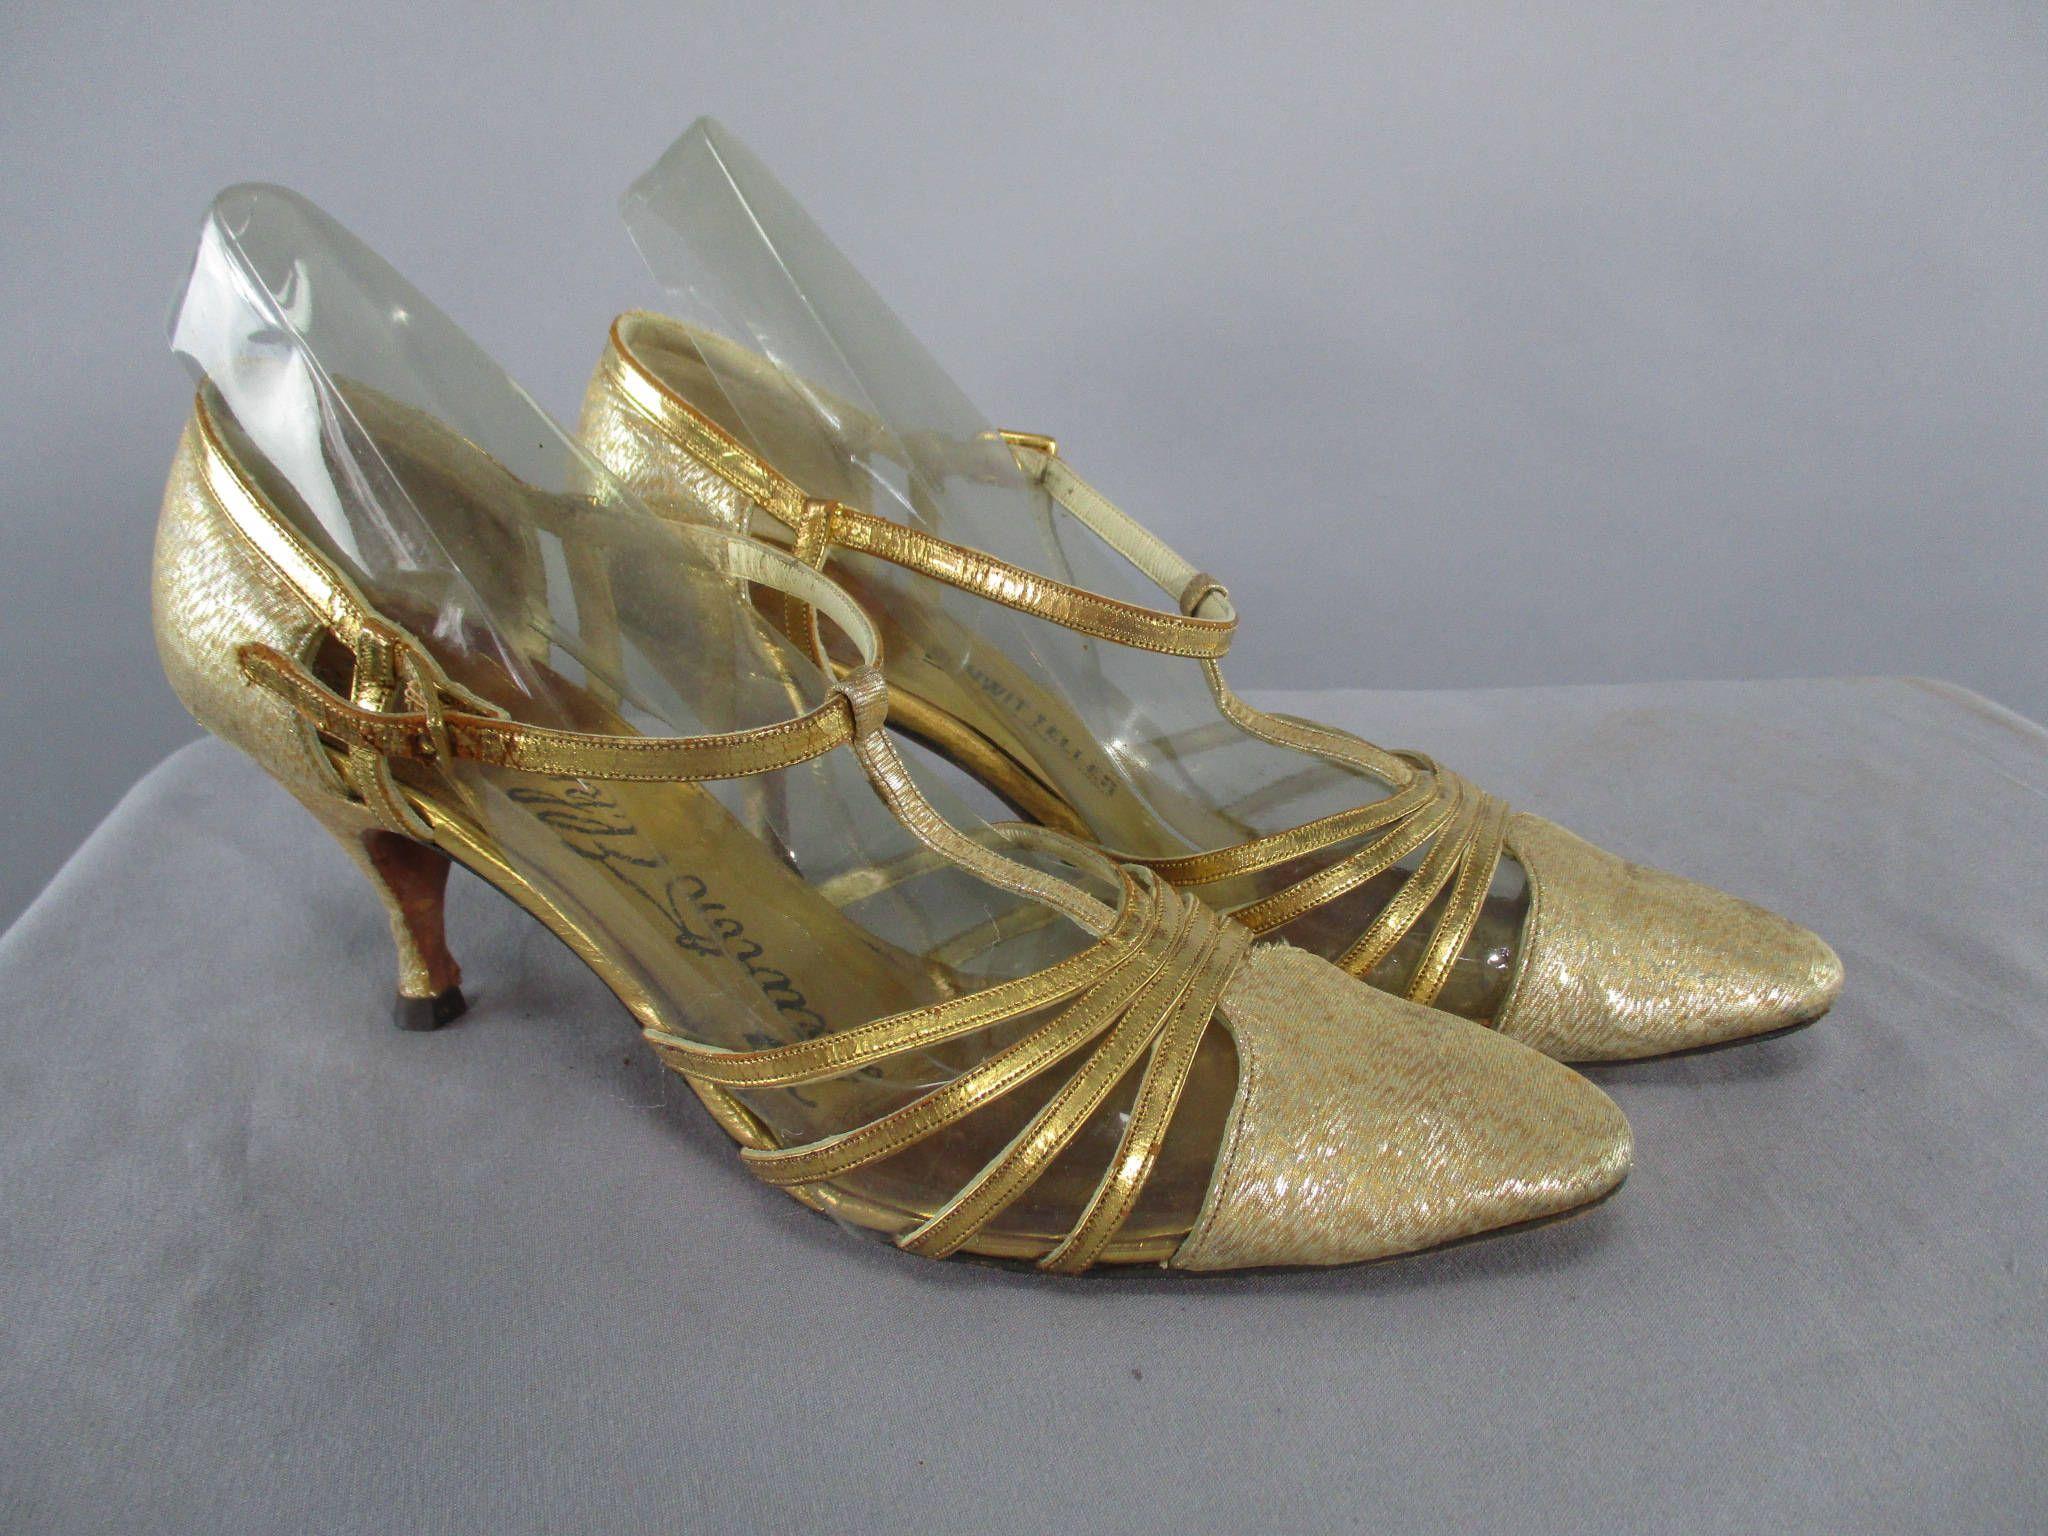 ec258d6a3886a 60s Golds Shoes Lame Lurex Pumps, 1960s Kitten Hell Shoes 1960 ...